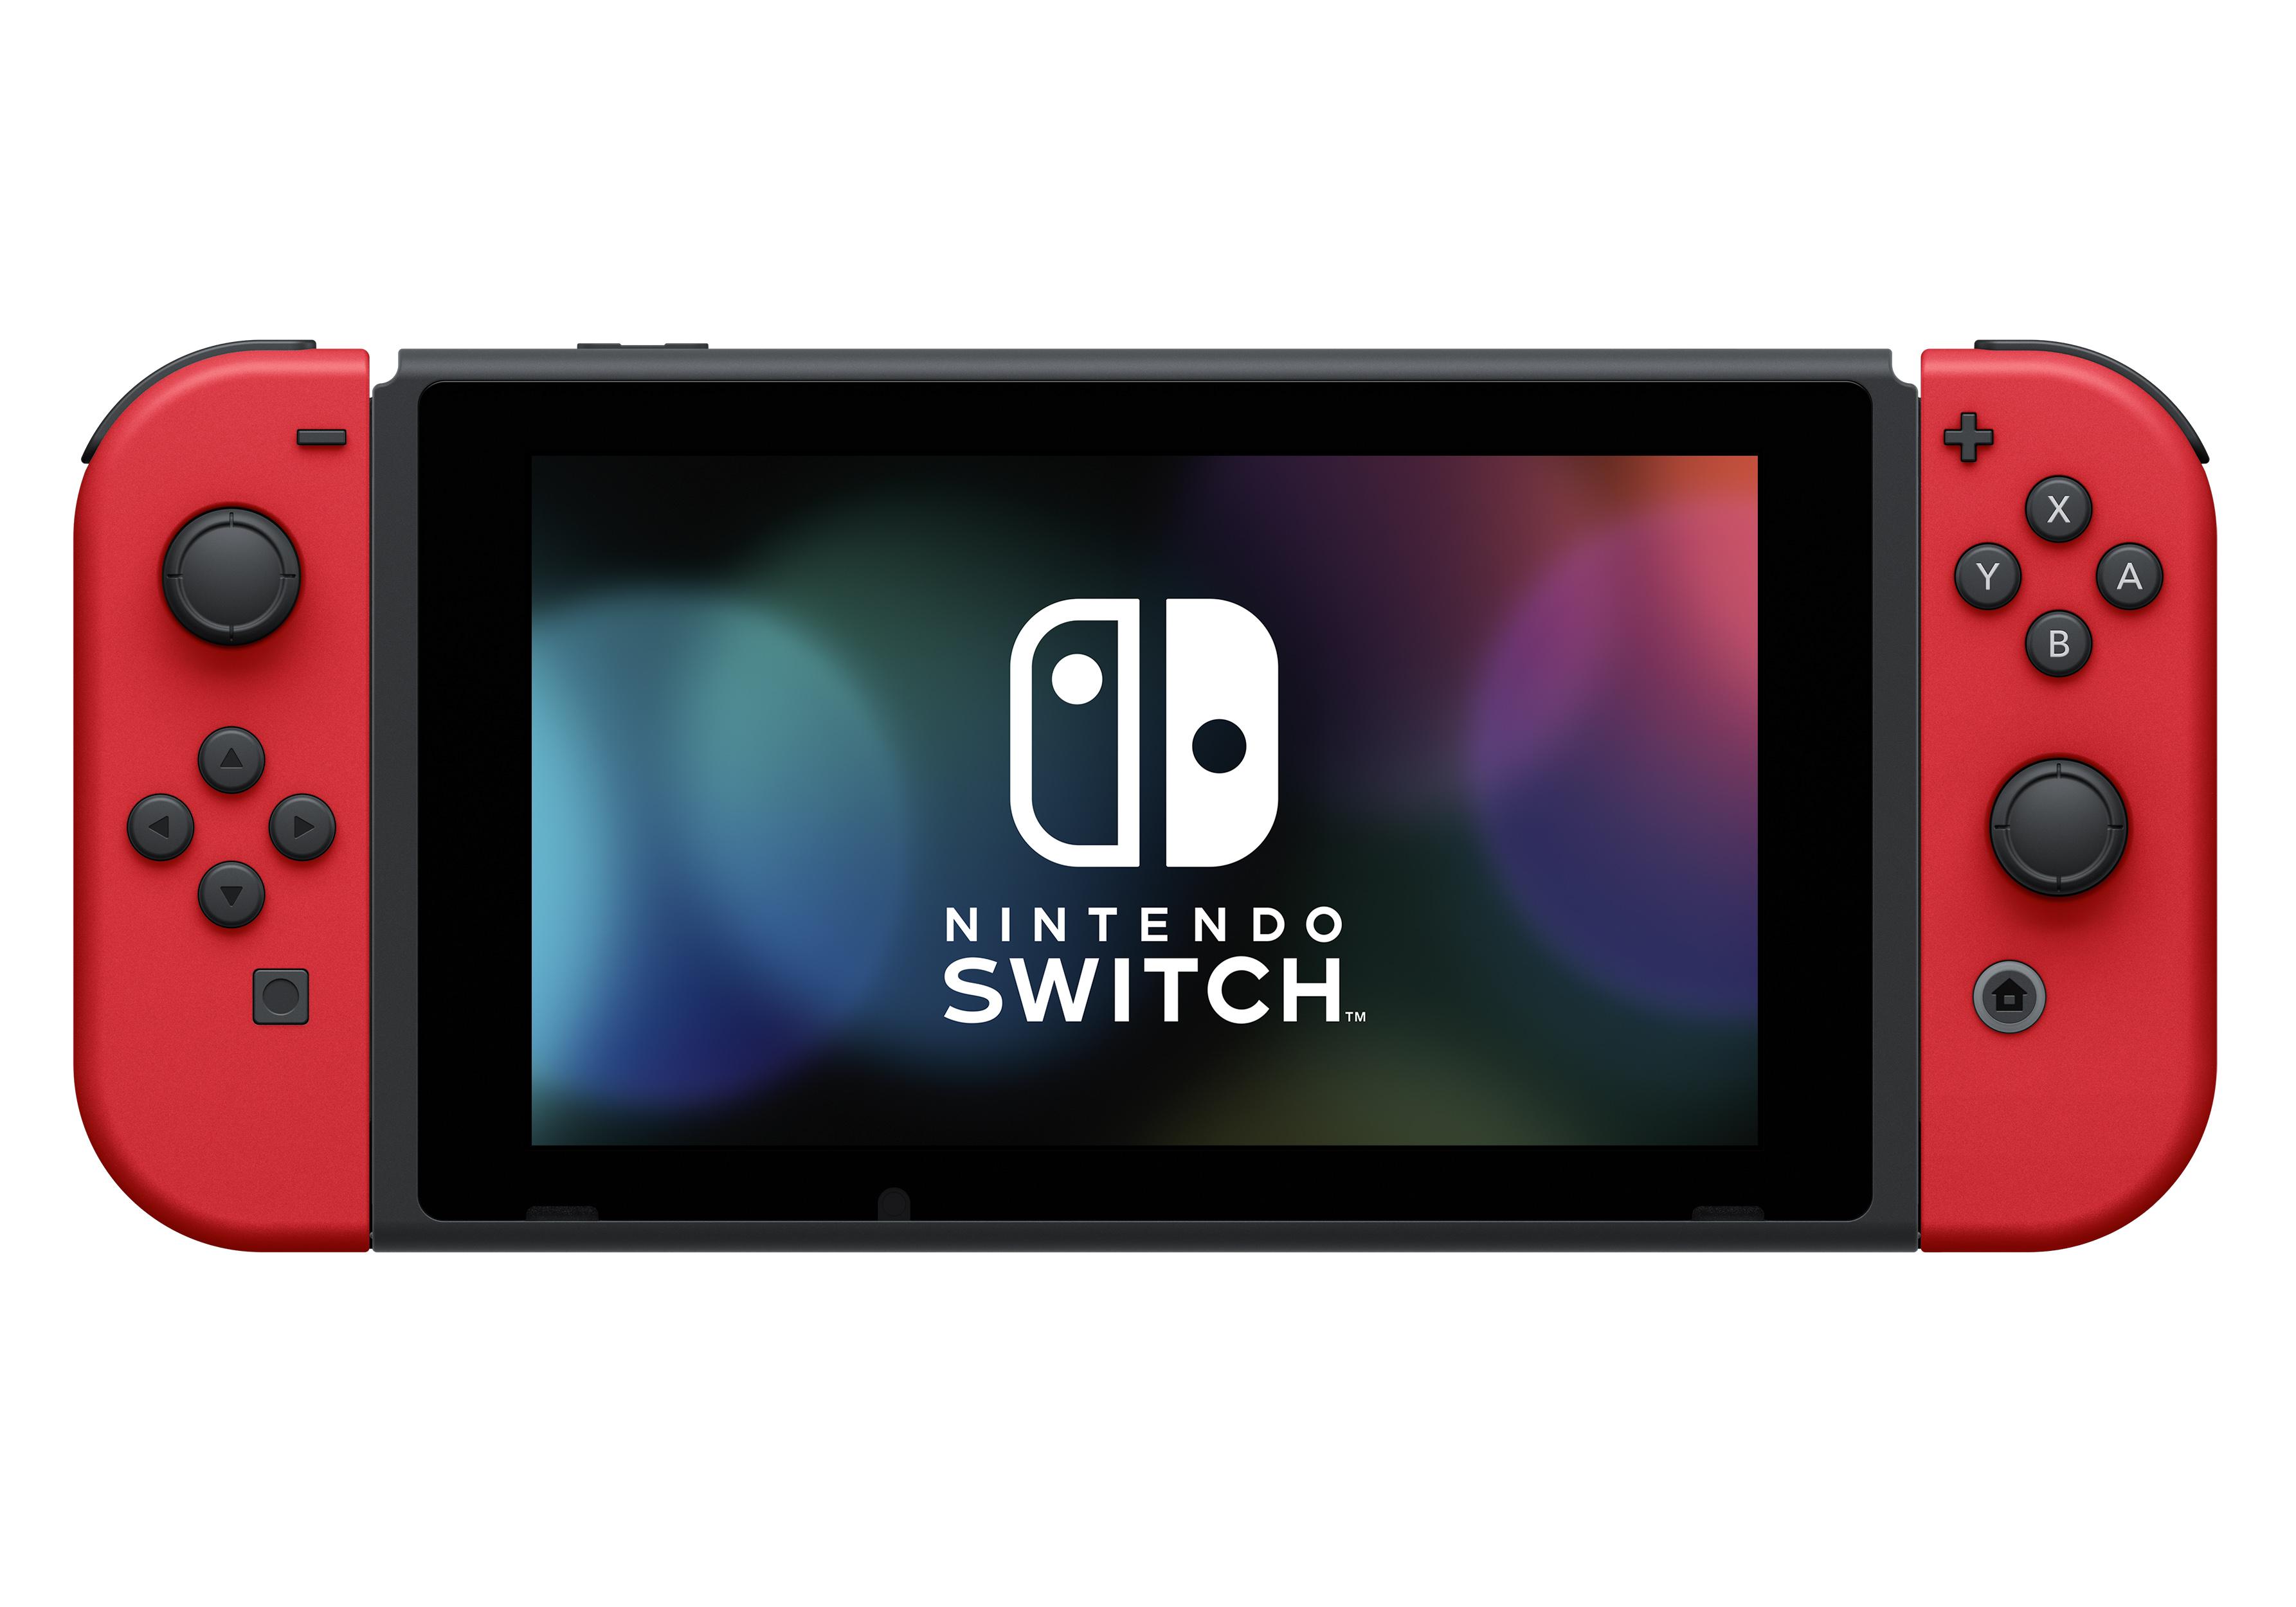 Nintendo Switch Bundle With Mario Red Joy Con 20 Nintendo Eshop Credit Carrying Case Walmart Com Walmart Com